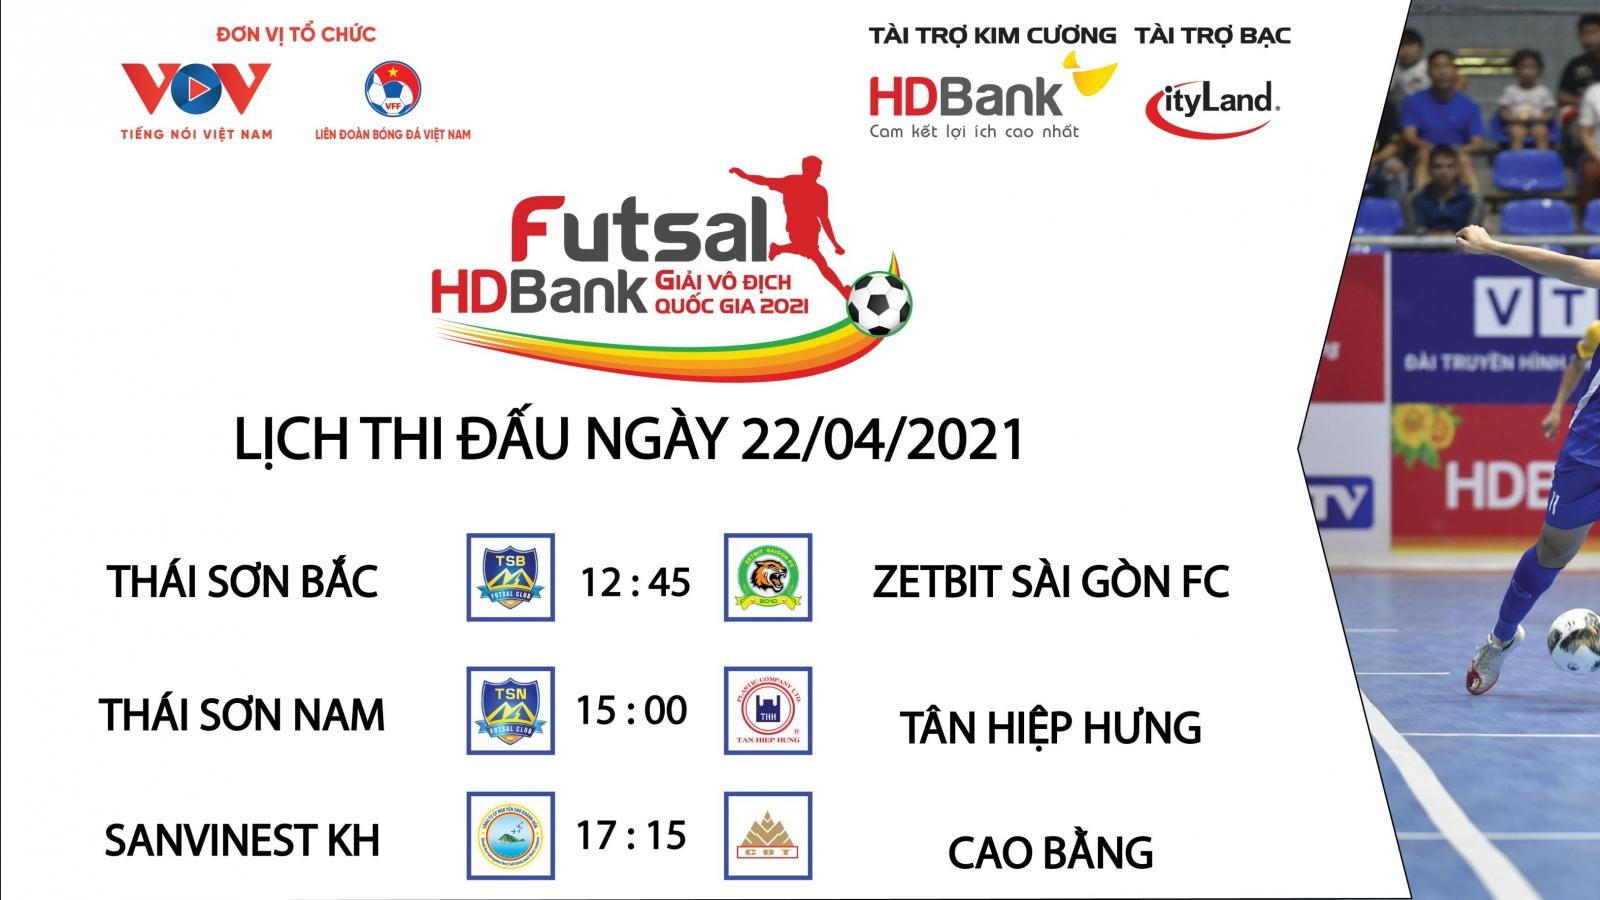 Lịch thi đấu Giải Futsal HDBank VĐQG 2021 hôm nay 22/4